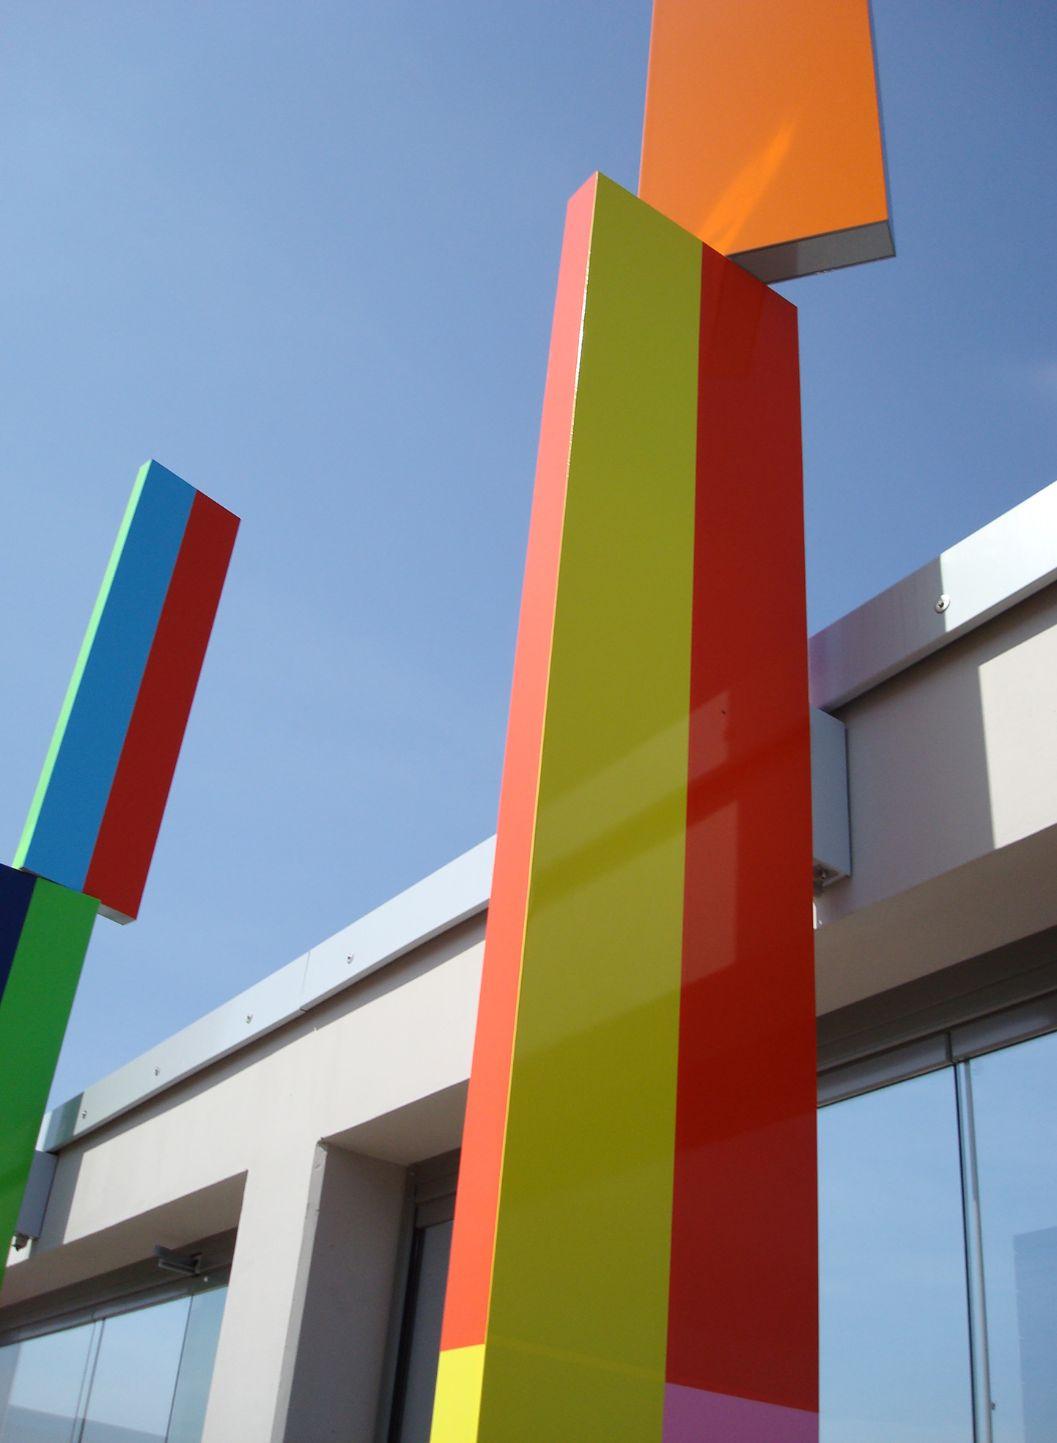 09059oh_Kunst am Bau